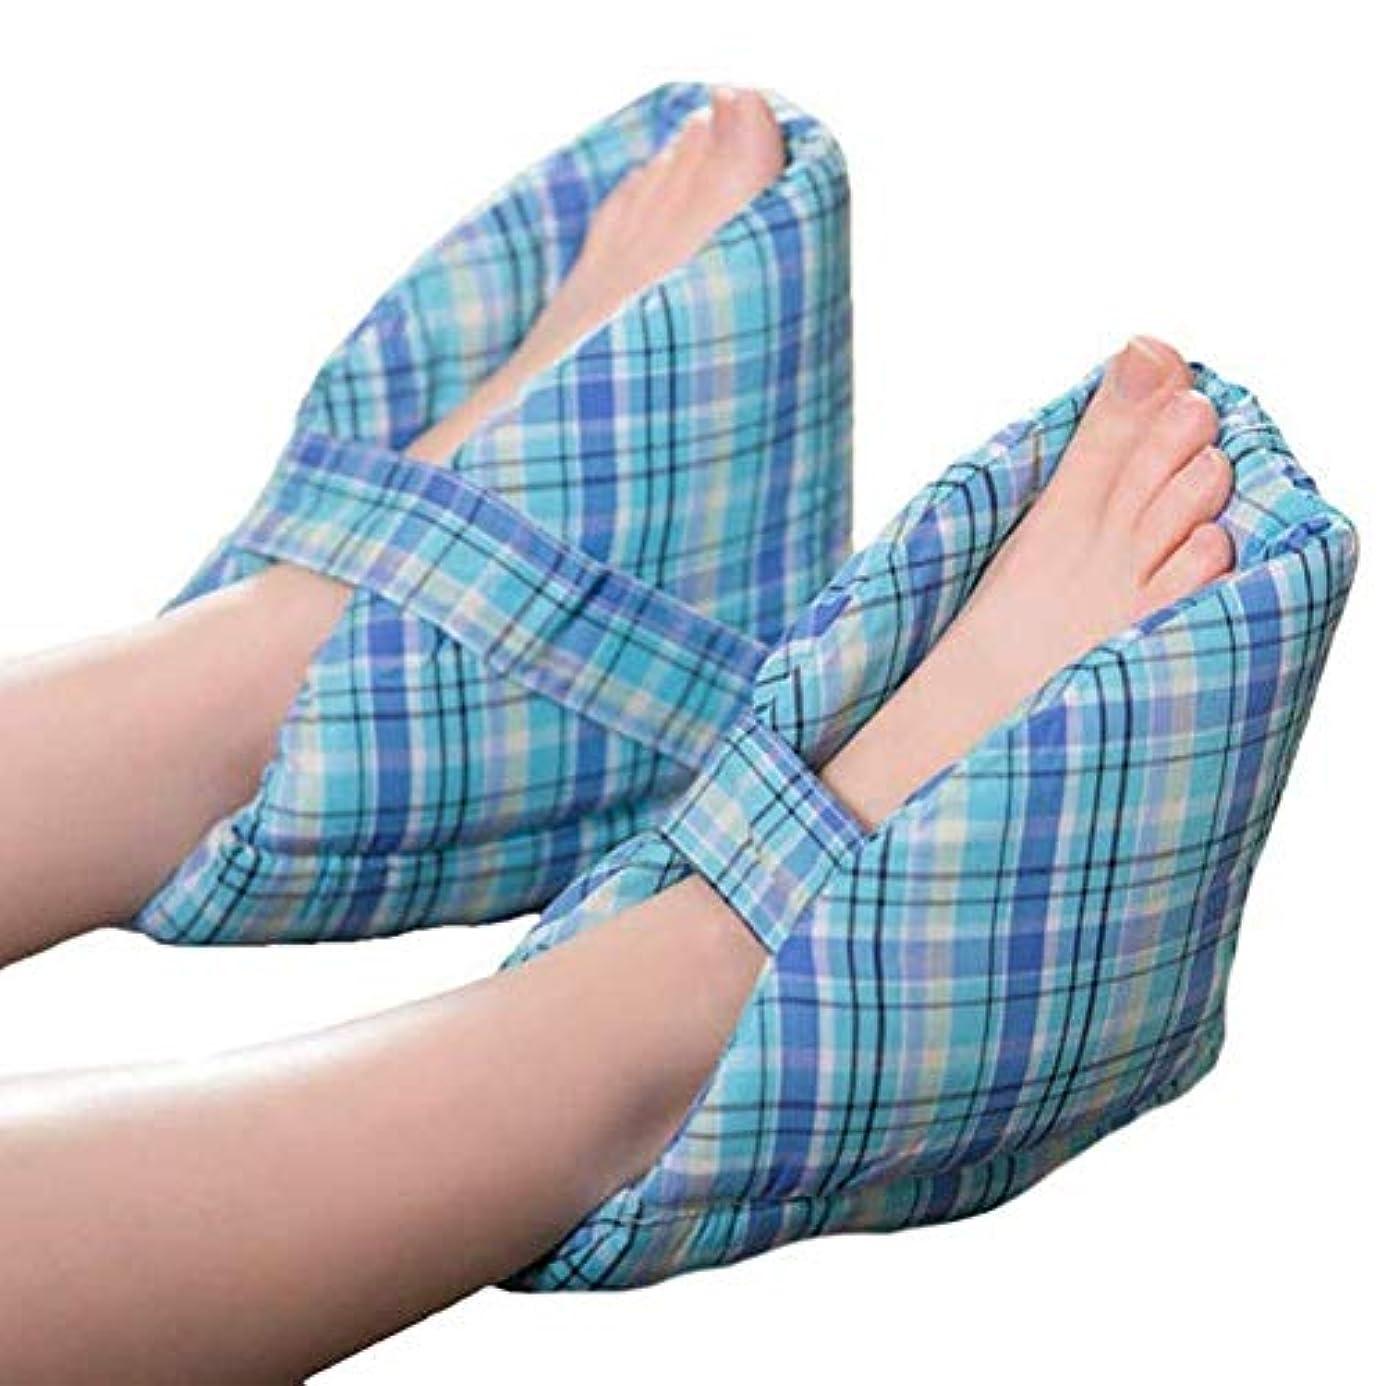 ブレイズ特異なディスパッチかかとプロテクター柔らかく快適な履き心地により、足の枕、かかとのクッション、かかとの保護、1ペアが見つかります